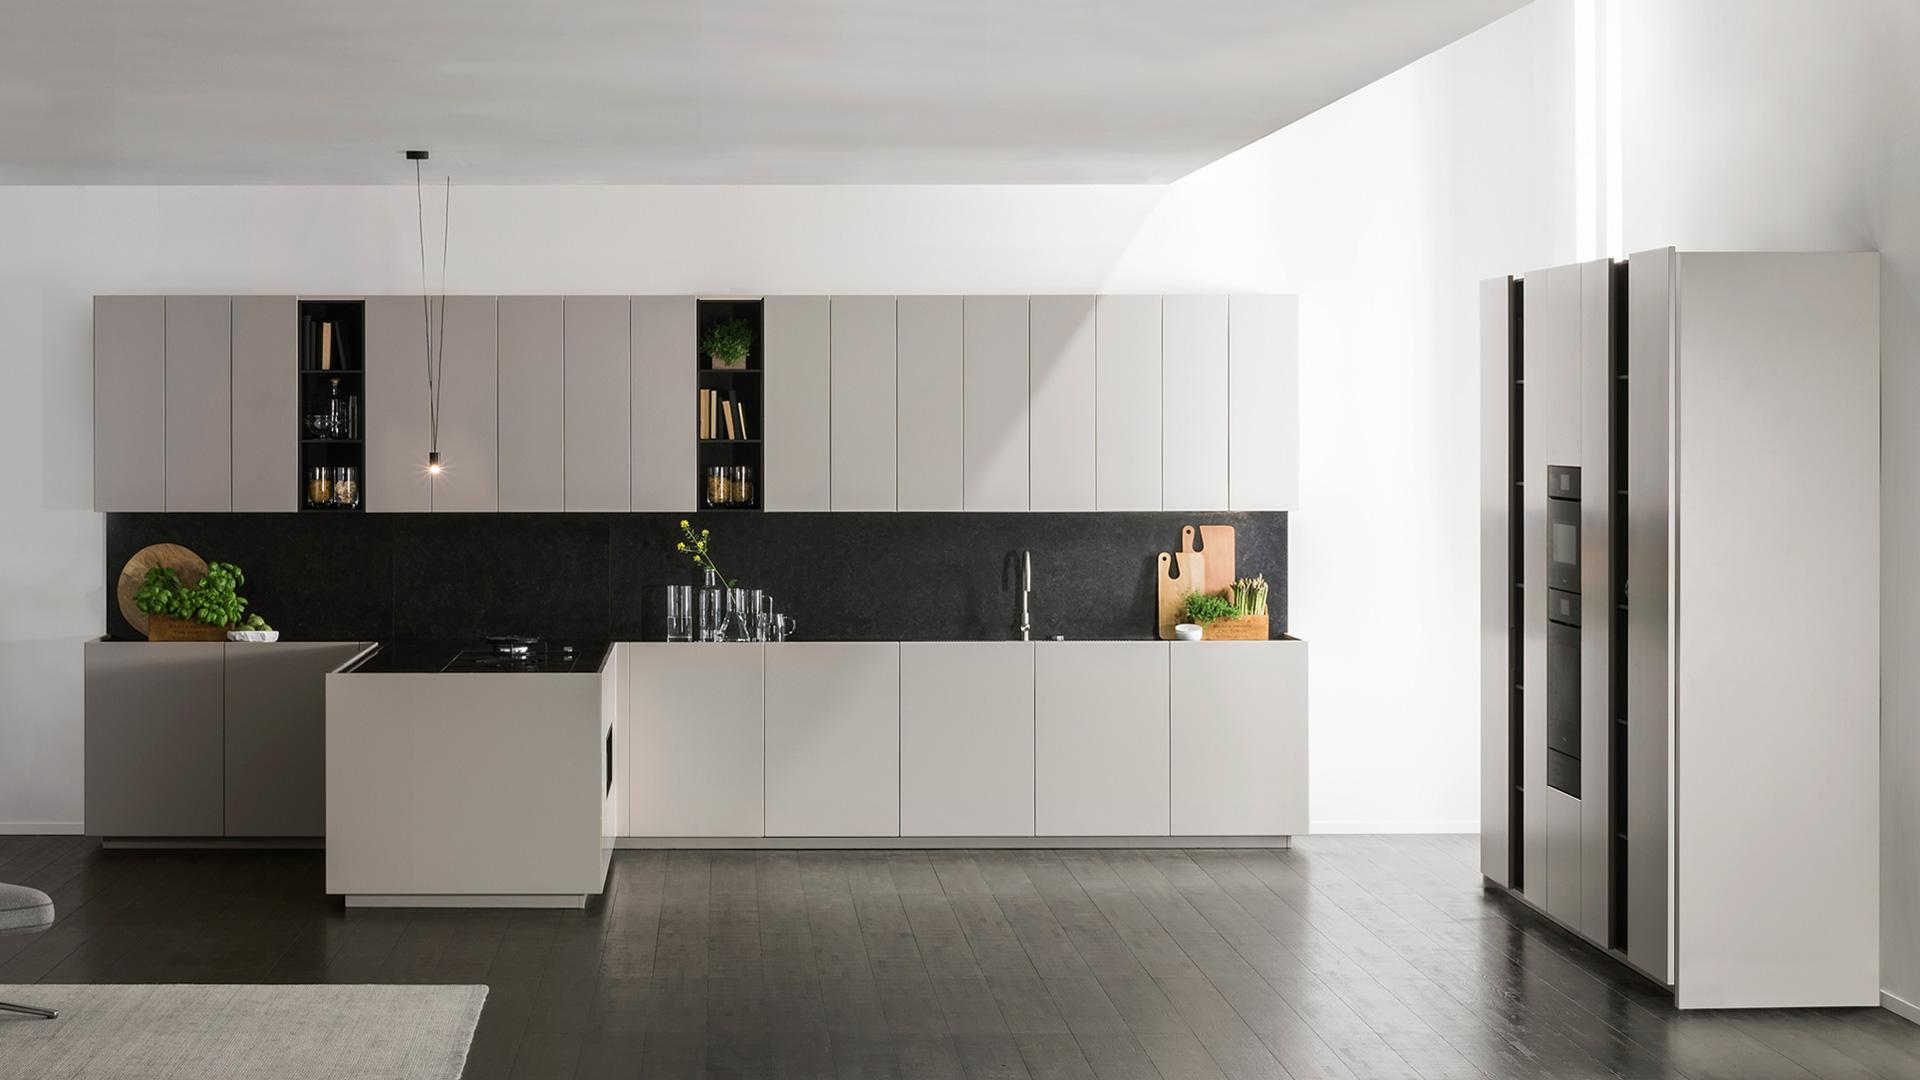 Cucina design con penisola composizione D90+ - D90_brandsite-gallery_01